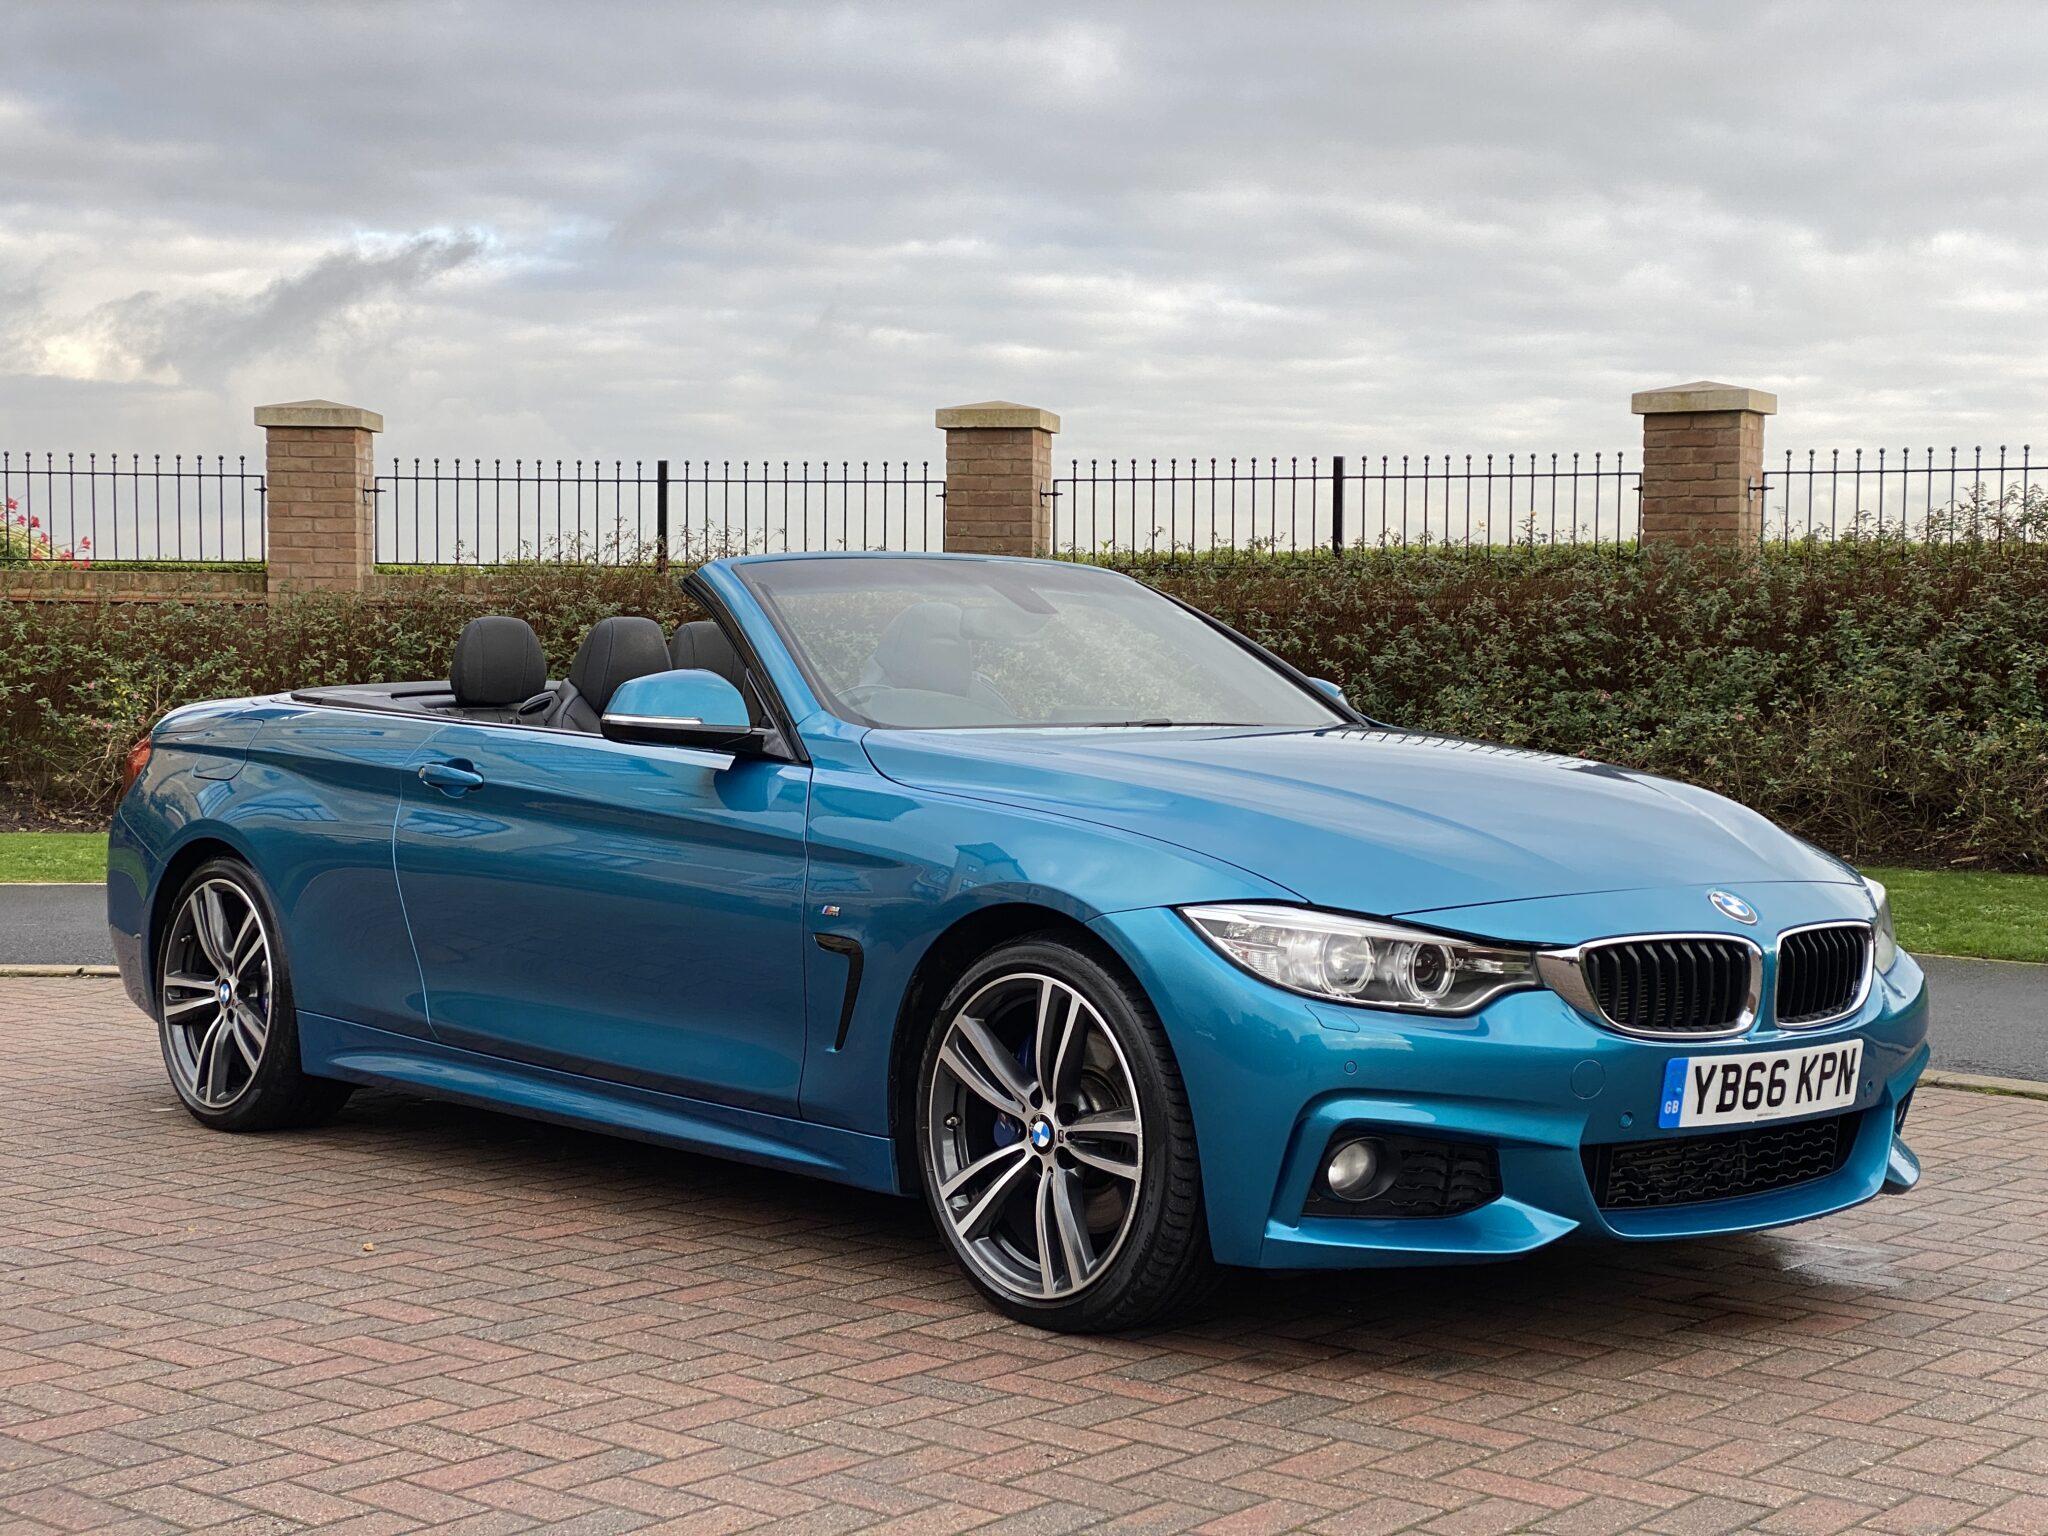 2017 66 BMW 420D M SPORT PLUS CONVERTIBLE AUTO 20K Mls Very High Spec Fabulous Colour